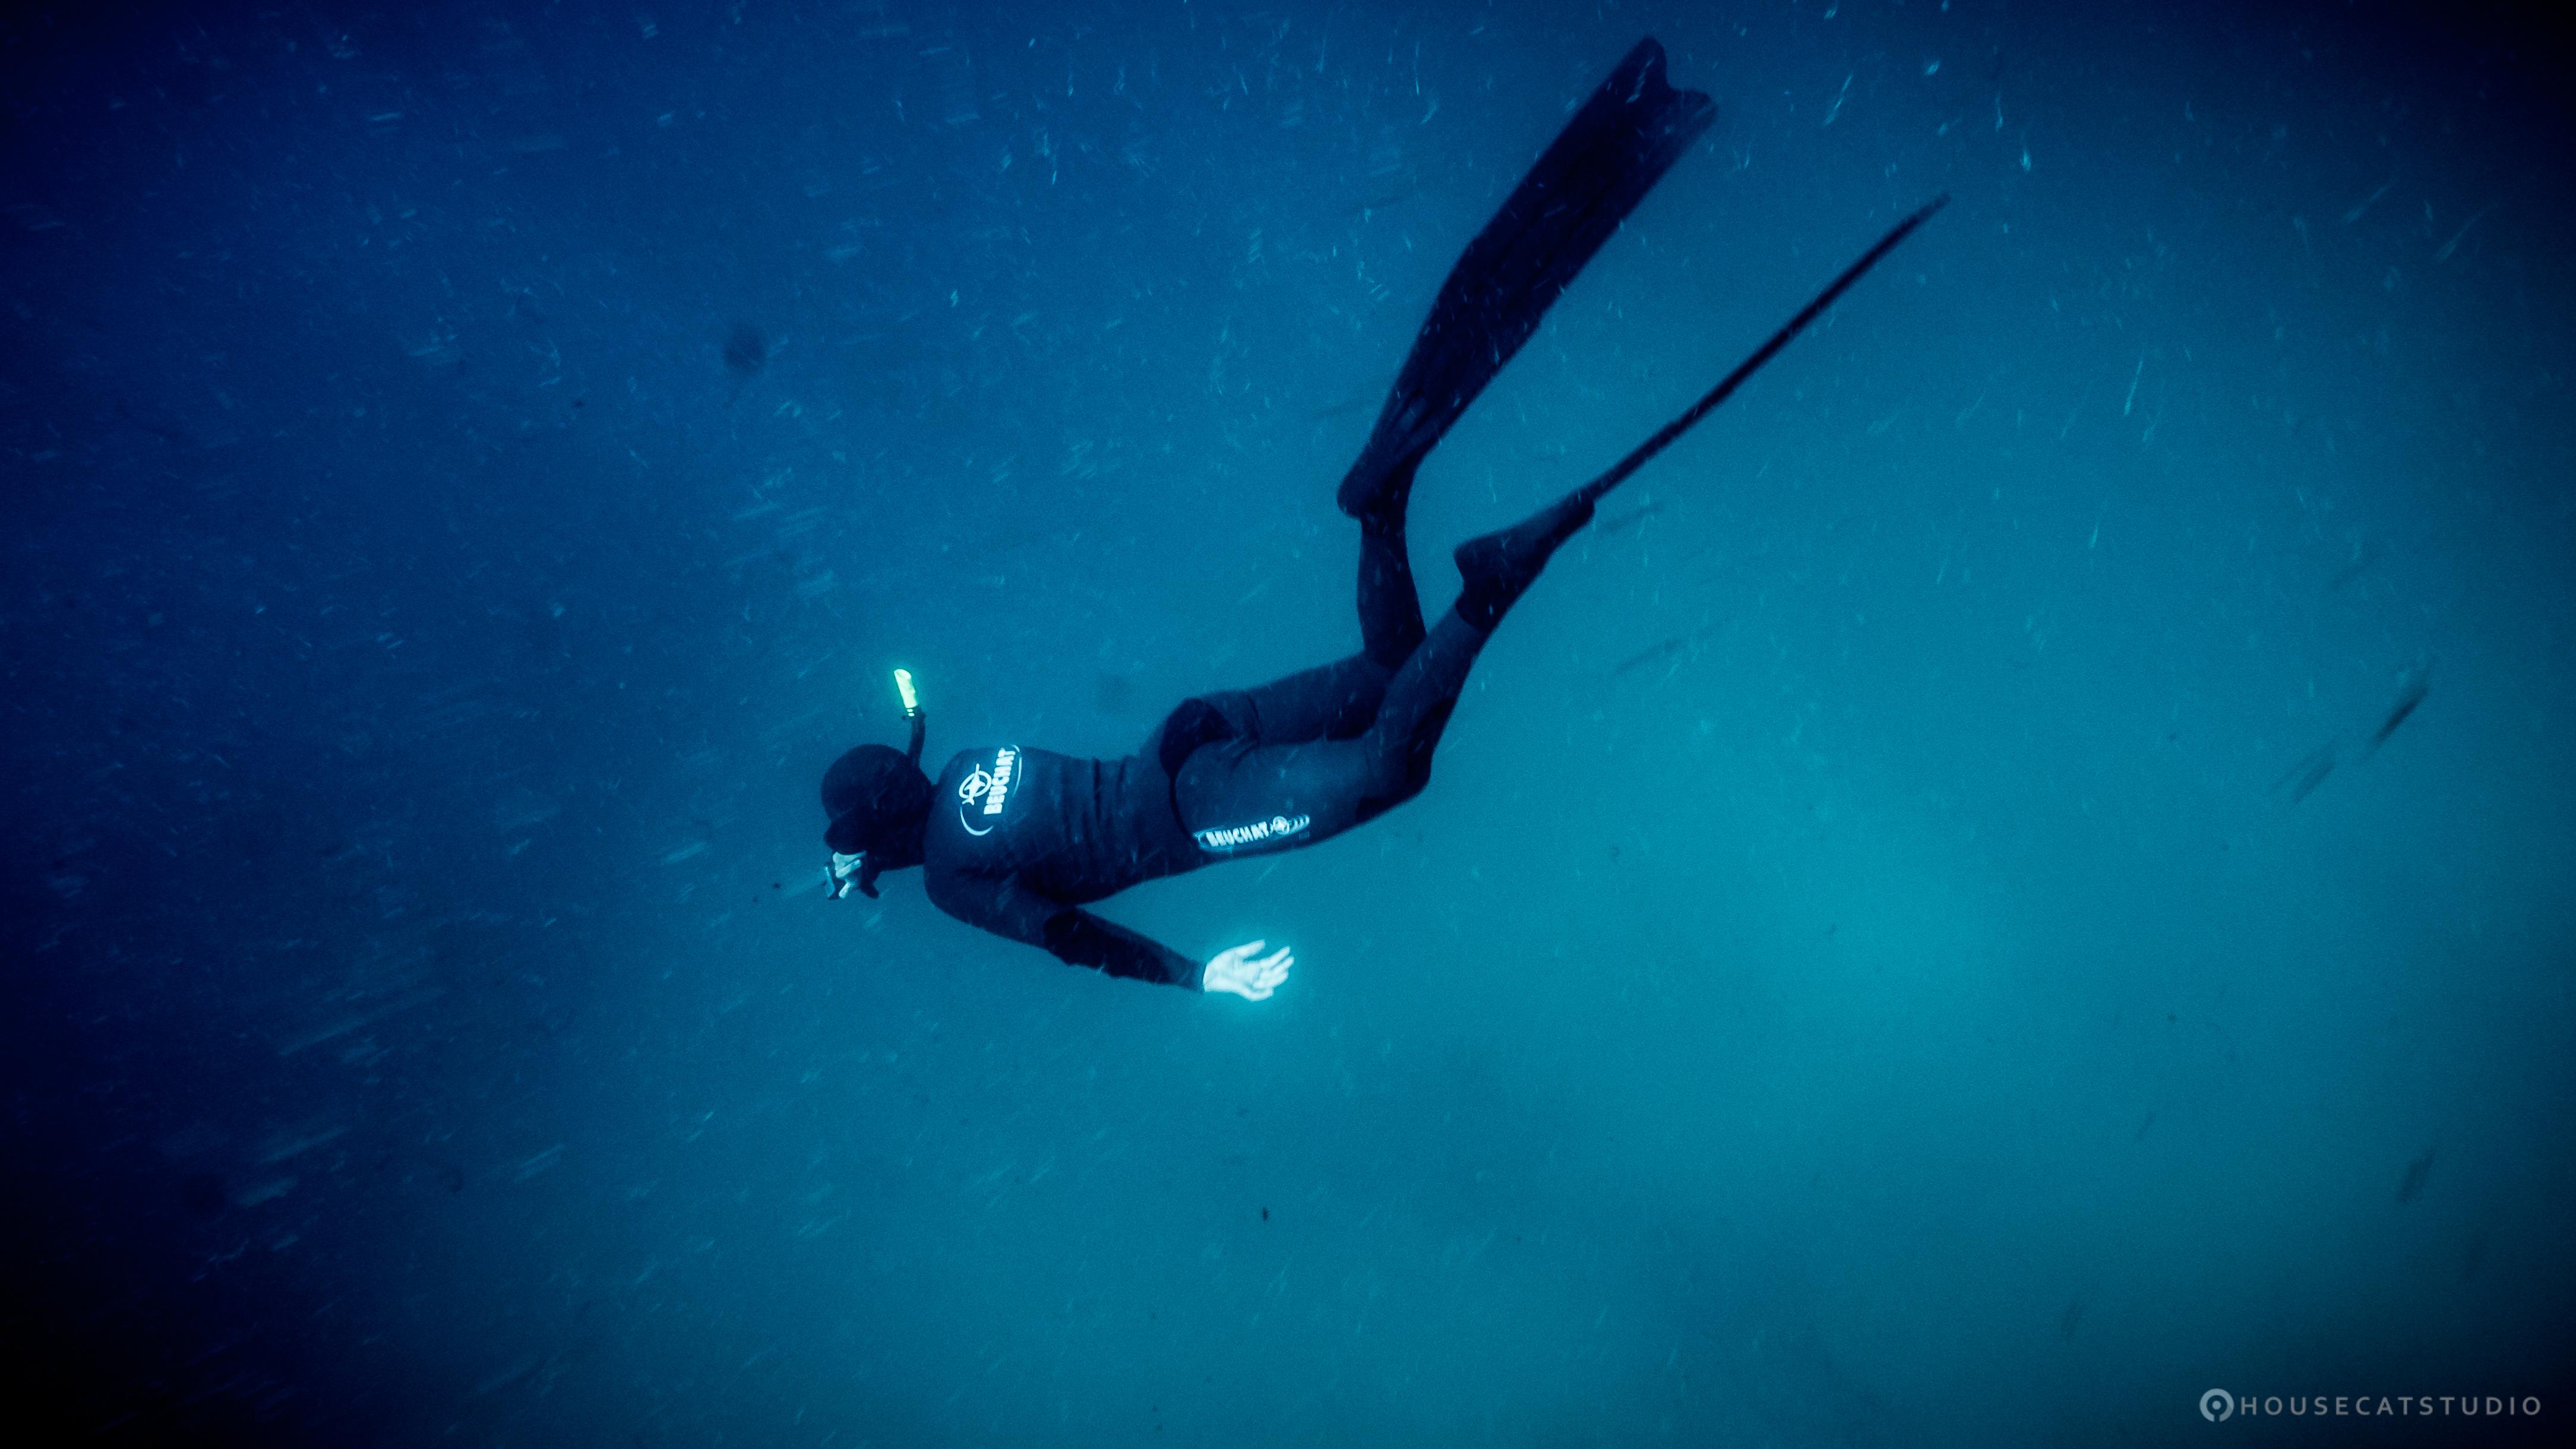 43199c69a oceán freediving potápanie voda potápanie Modrá podvodná šnorchlovanie  rekreácia potápanie neba potápačské vybavenie vodný šport wetsuit